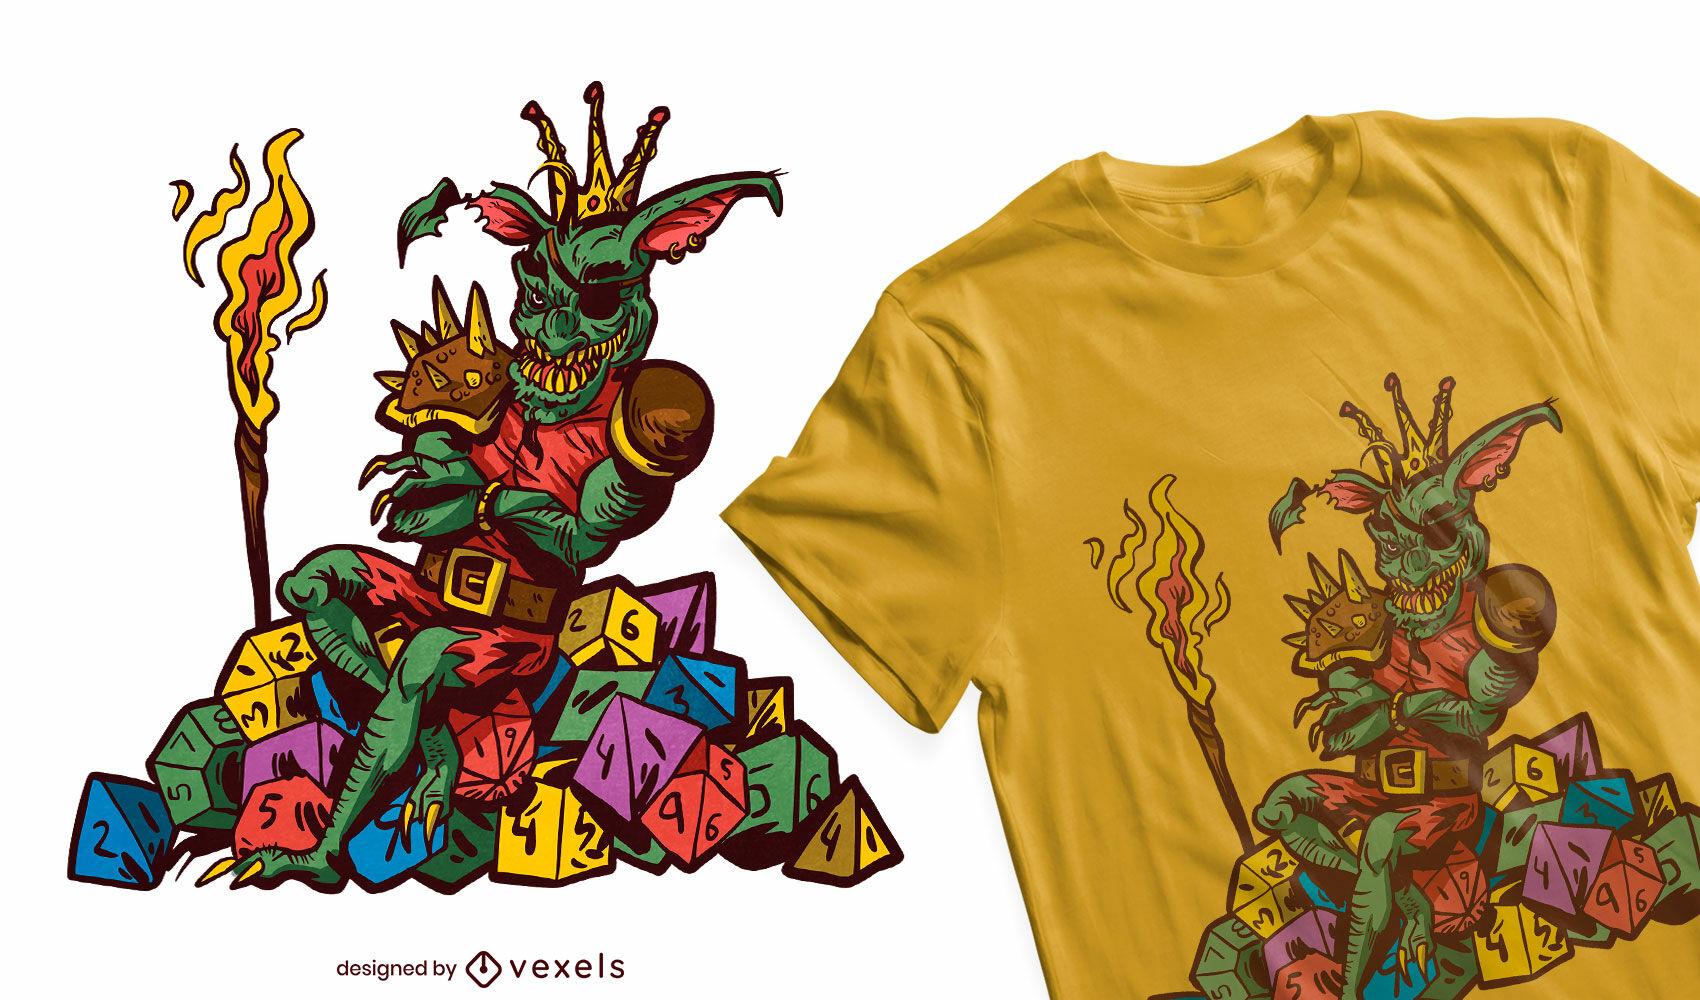 Goblin auf Würfel-T-Shirt-Design